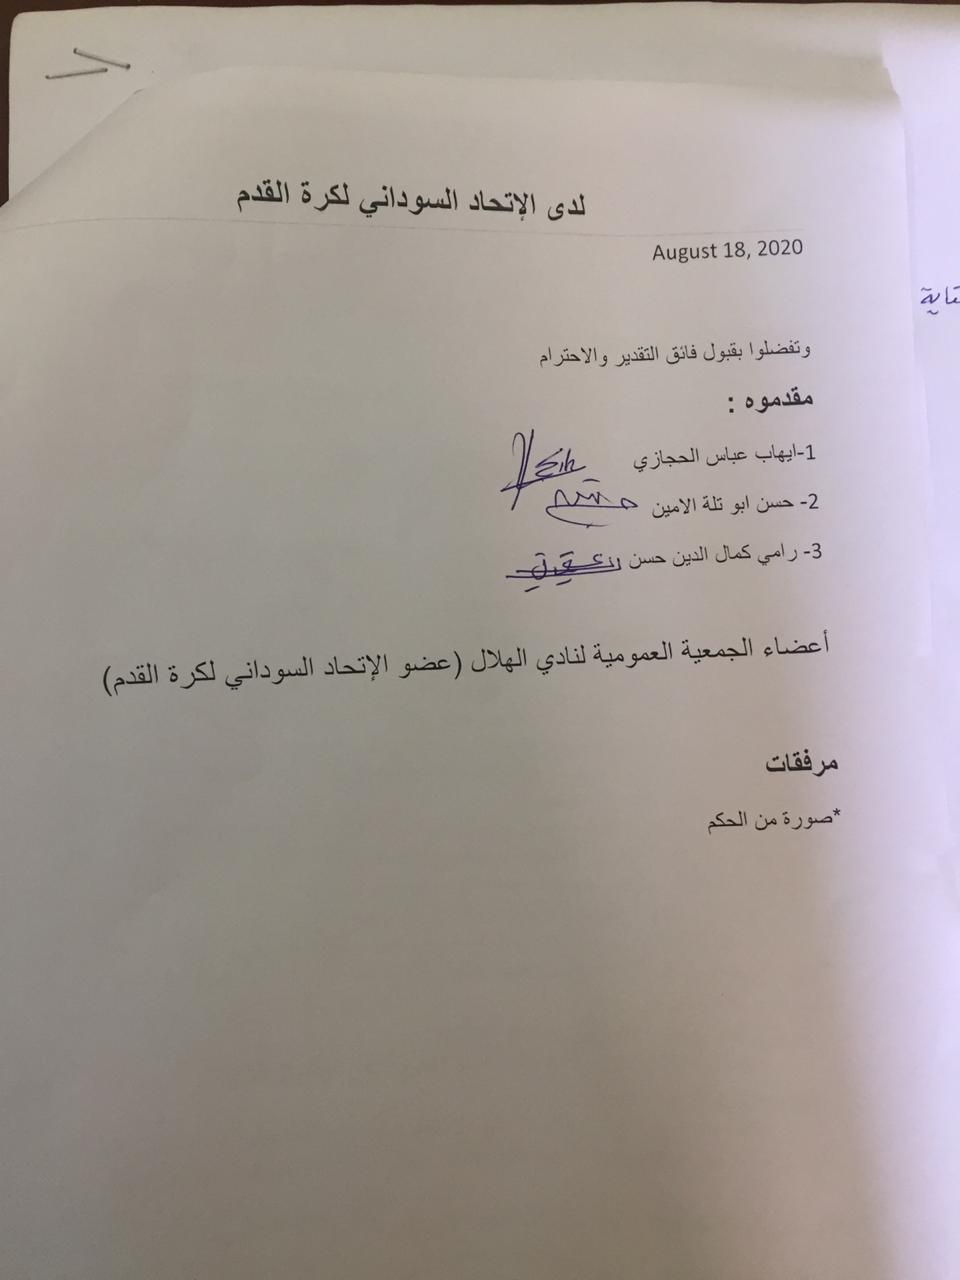 اعضاء بجمعية الهلال يرفضون رئاسة الكاردينال للجنة تطبيع الهلال